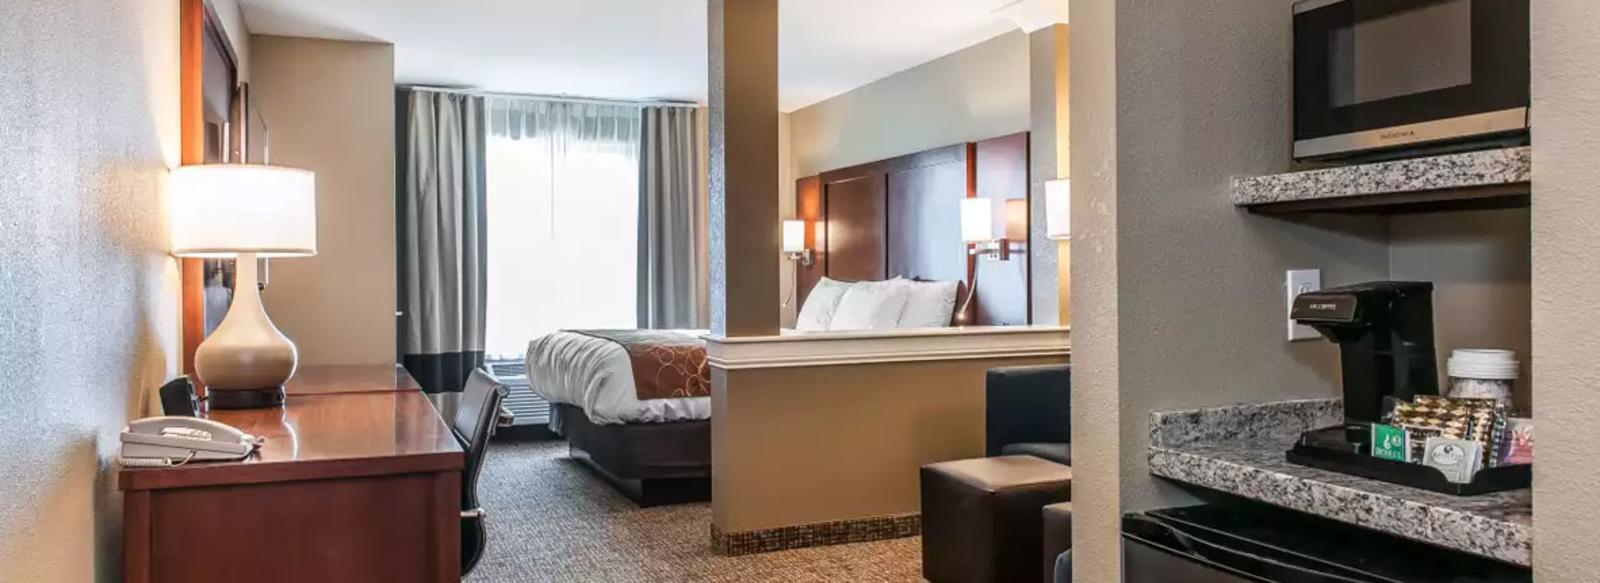 Comfort Suites Rensselaer